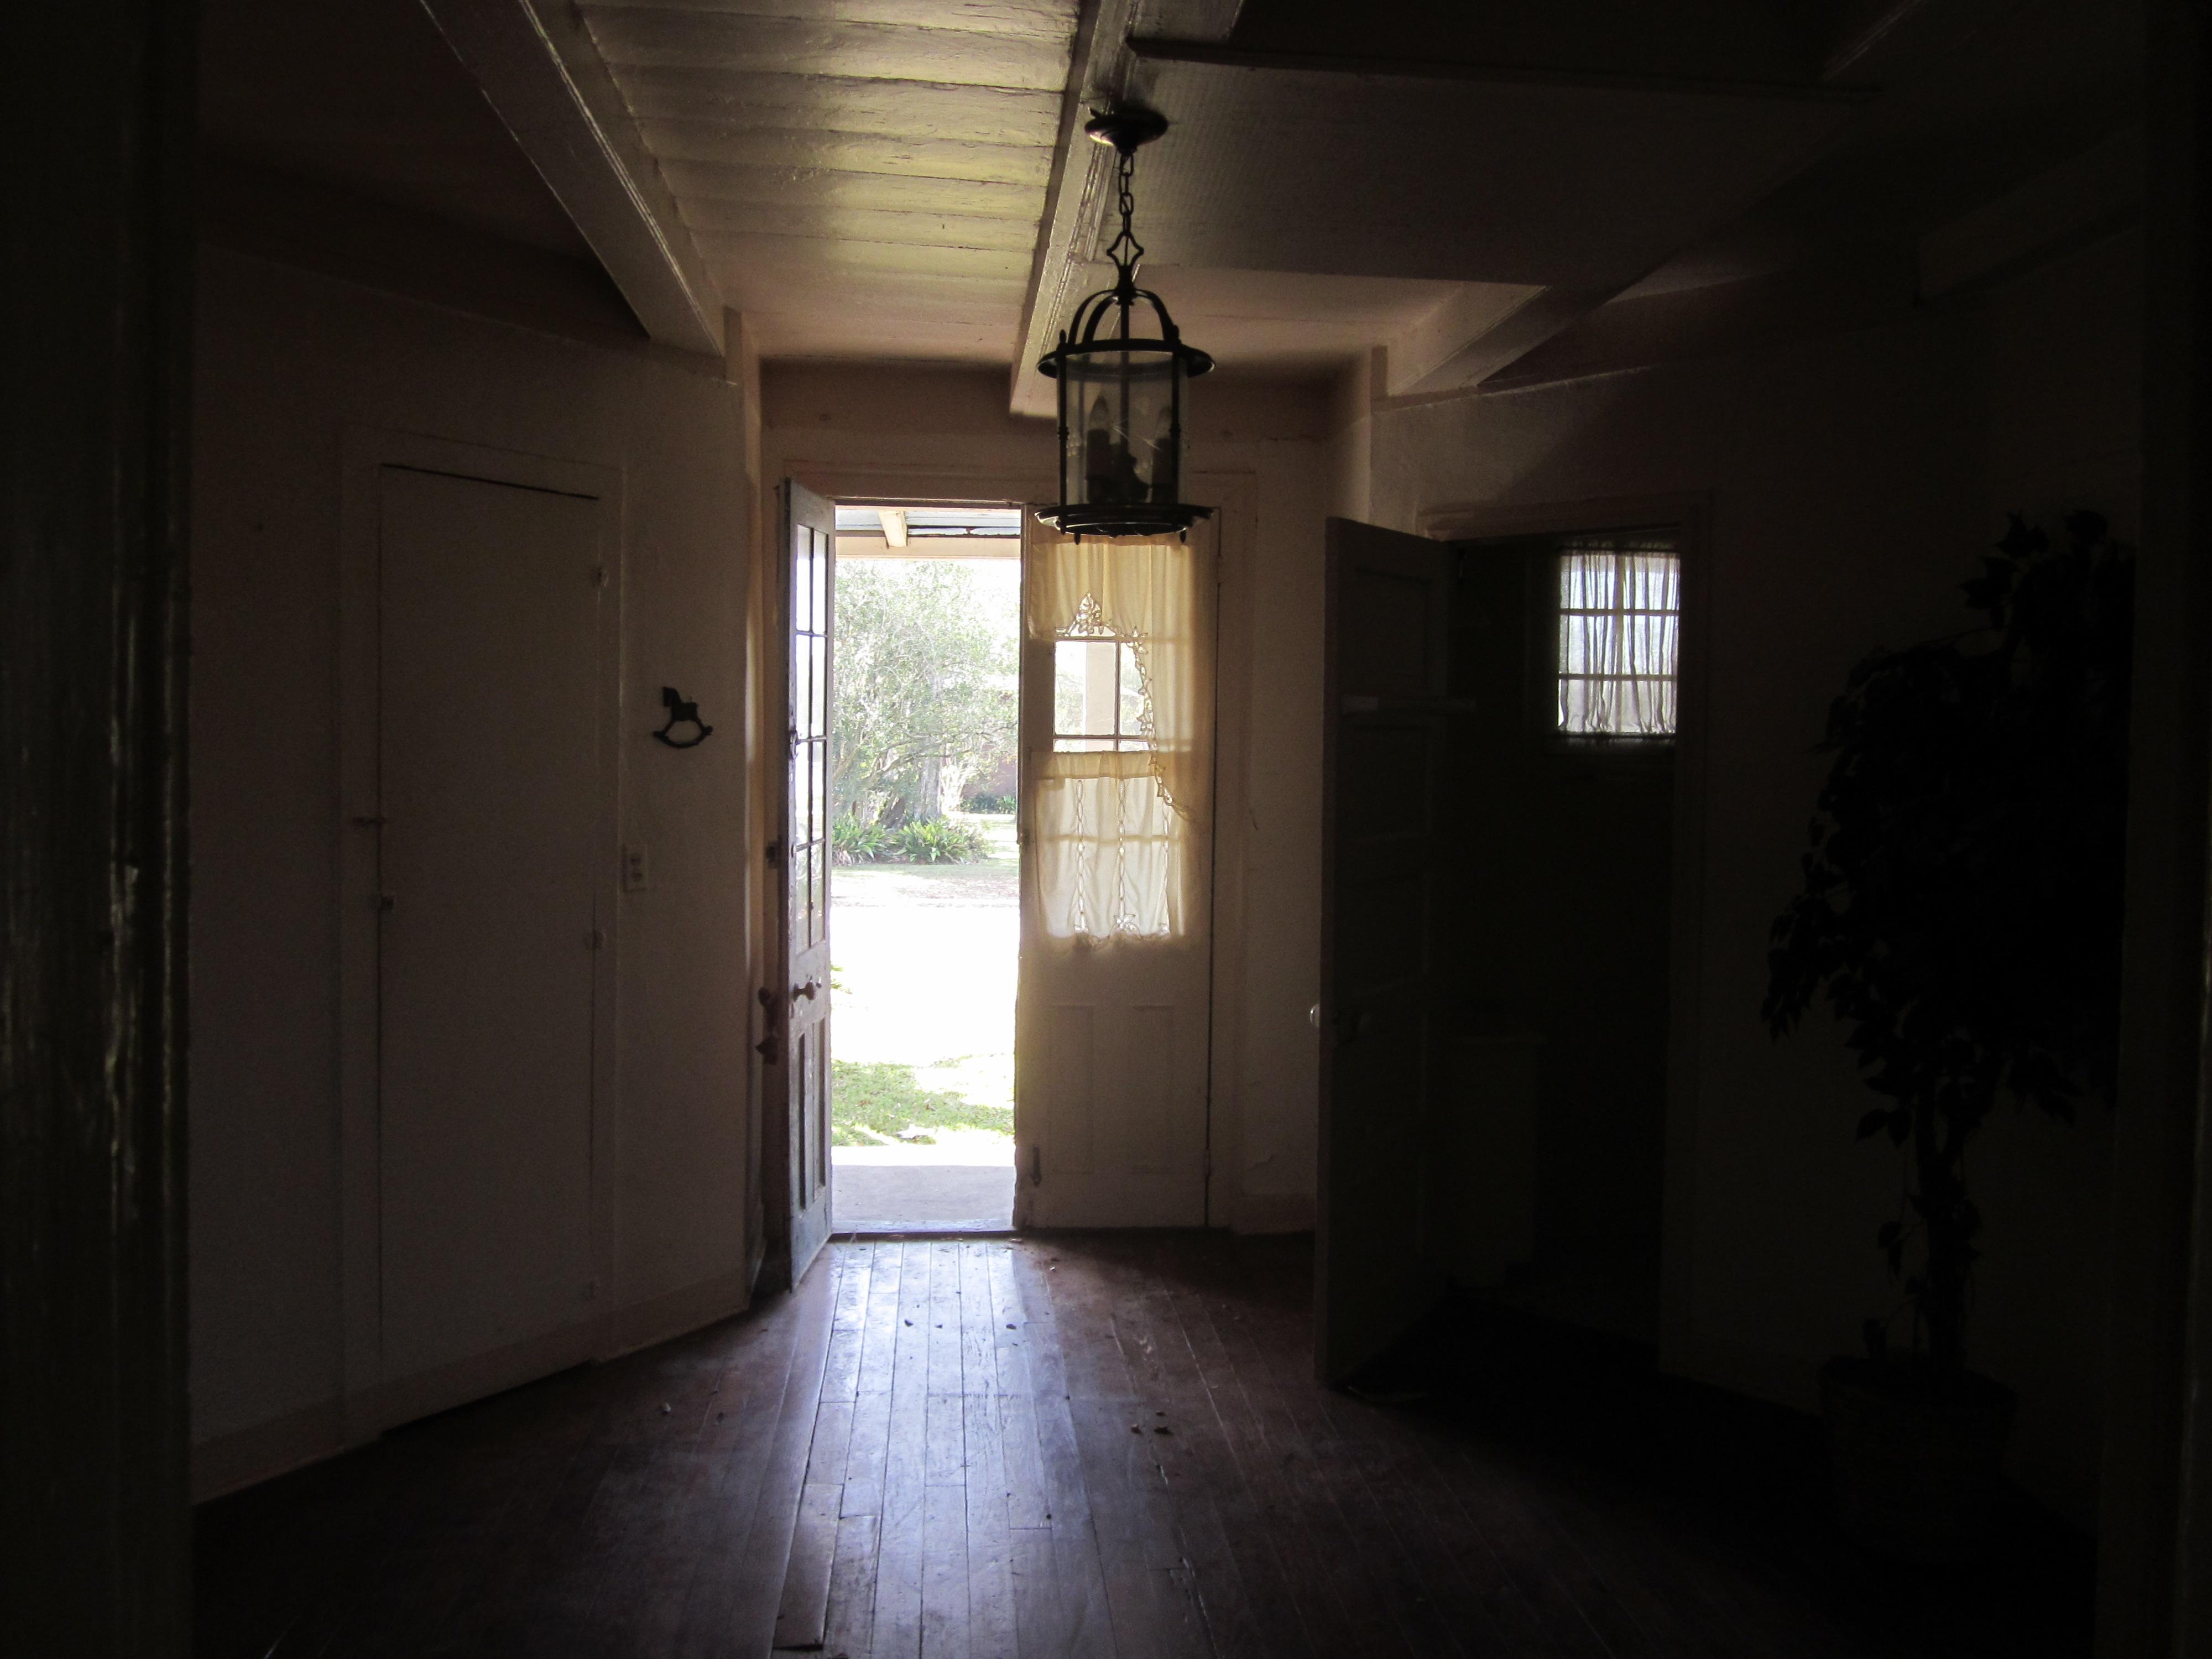 Open Front Door From Inside